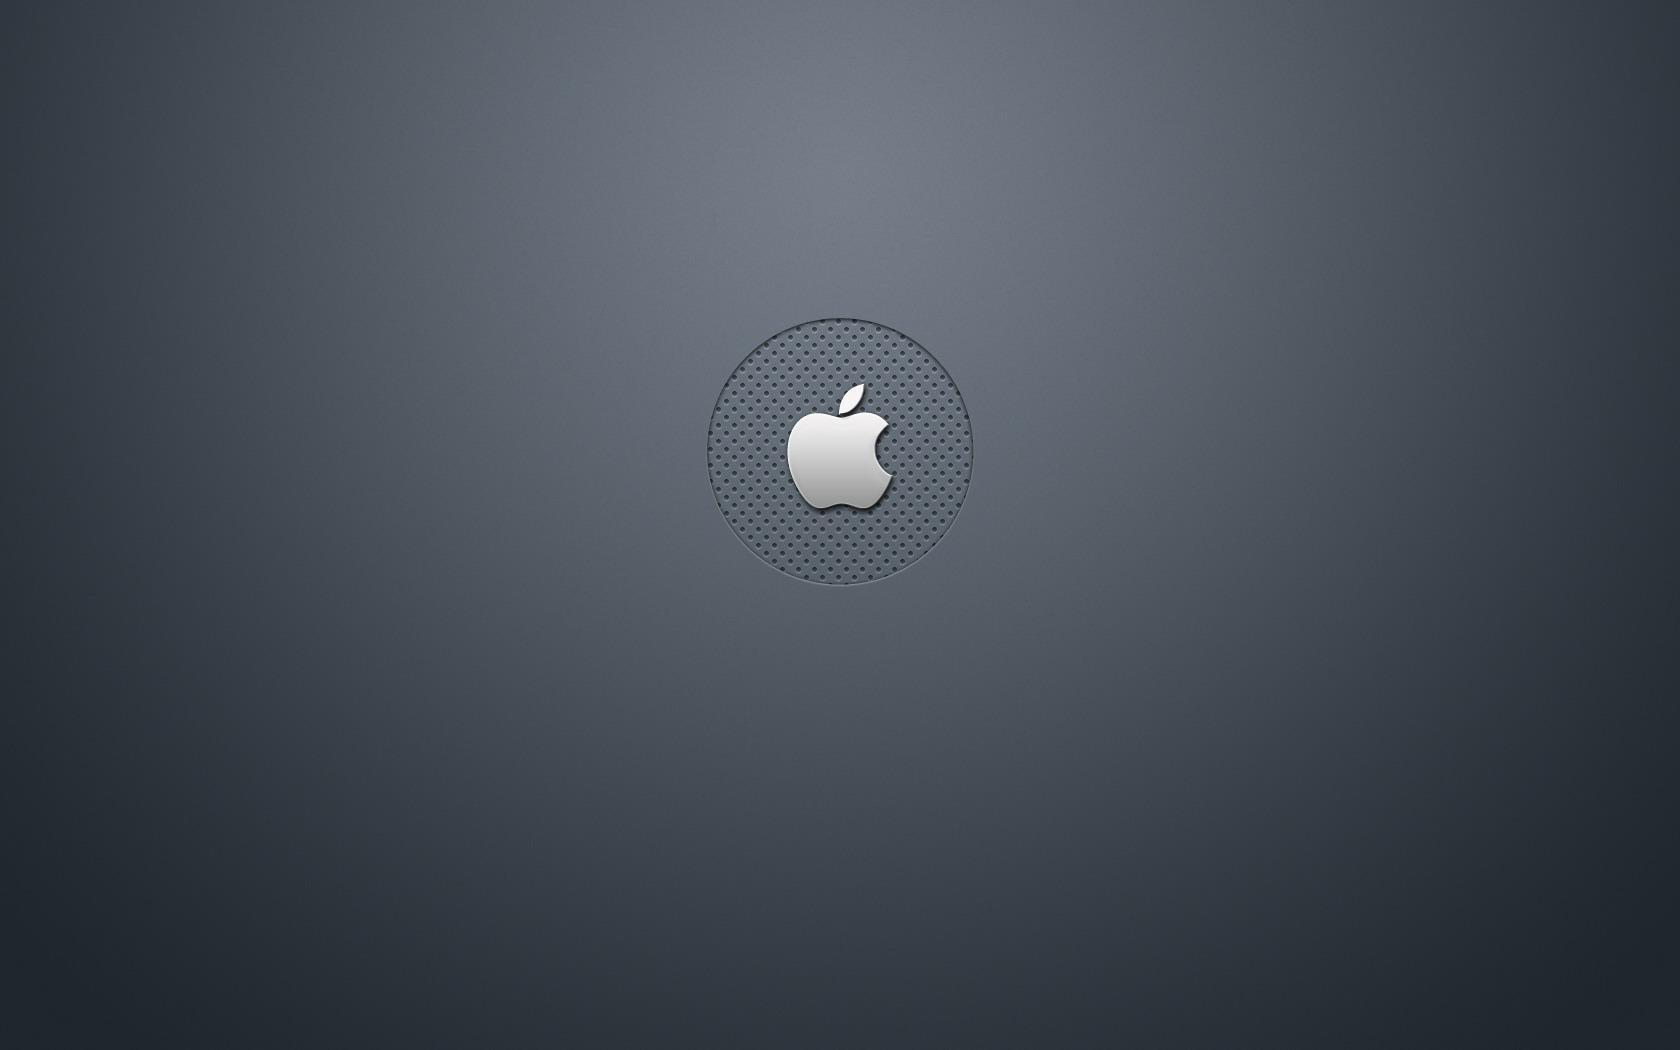 最新apple主题宽屏壁纸苹果5s欧美高清壁纸图片 苹果macosxlion系统图片